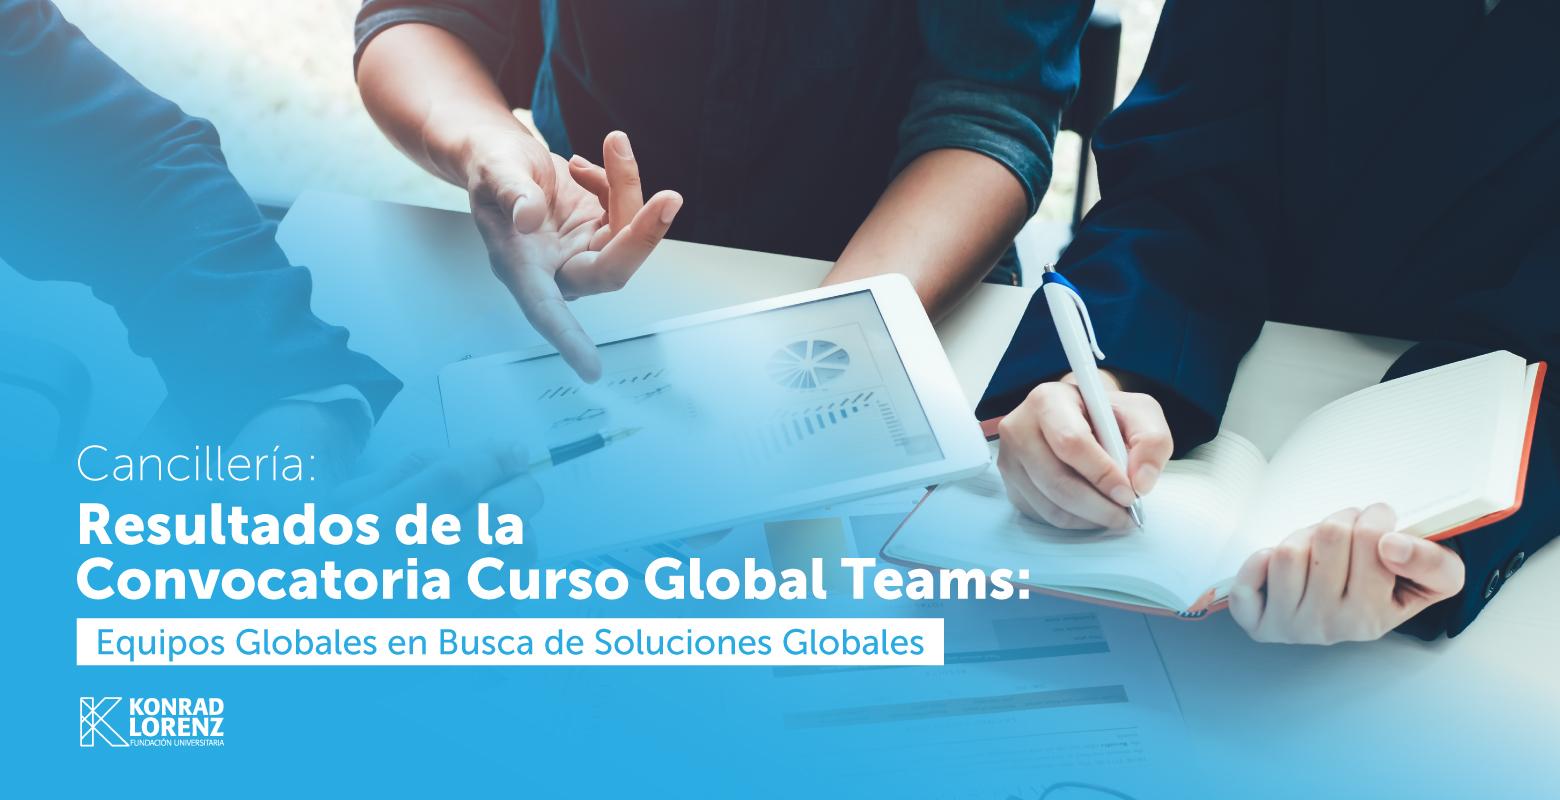 Cancillería: Resultados de la Convocatoria Curso Global Teams